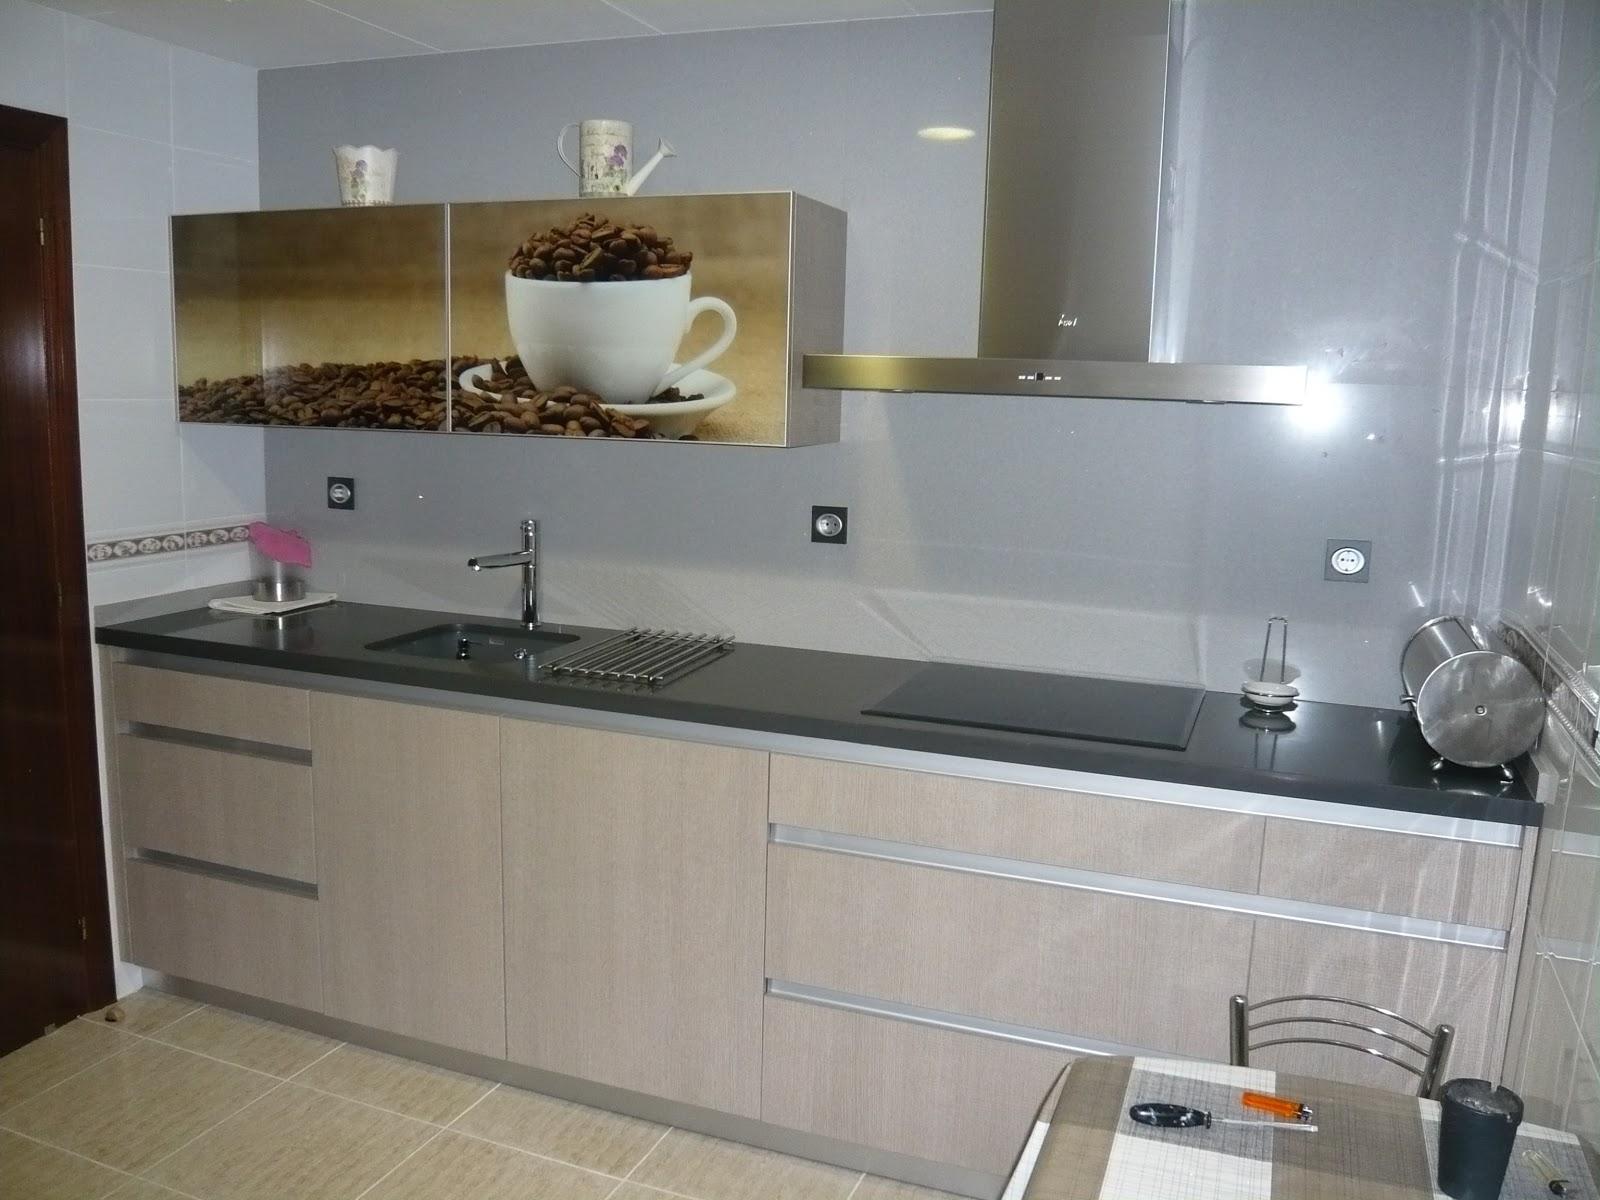 Reuscuina cocina sin tiradores y con foto decorativa - Tiradores cocina ...